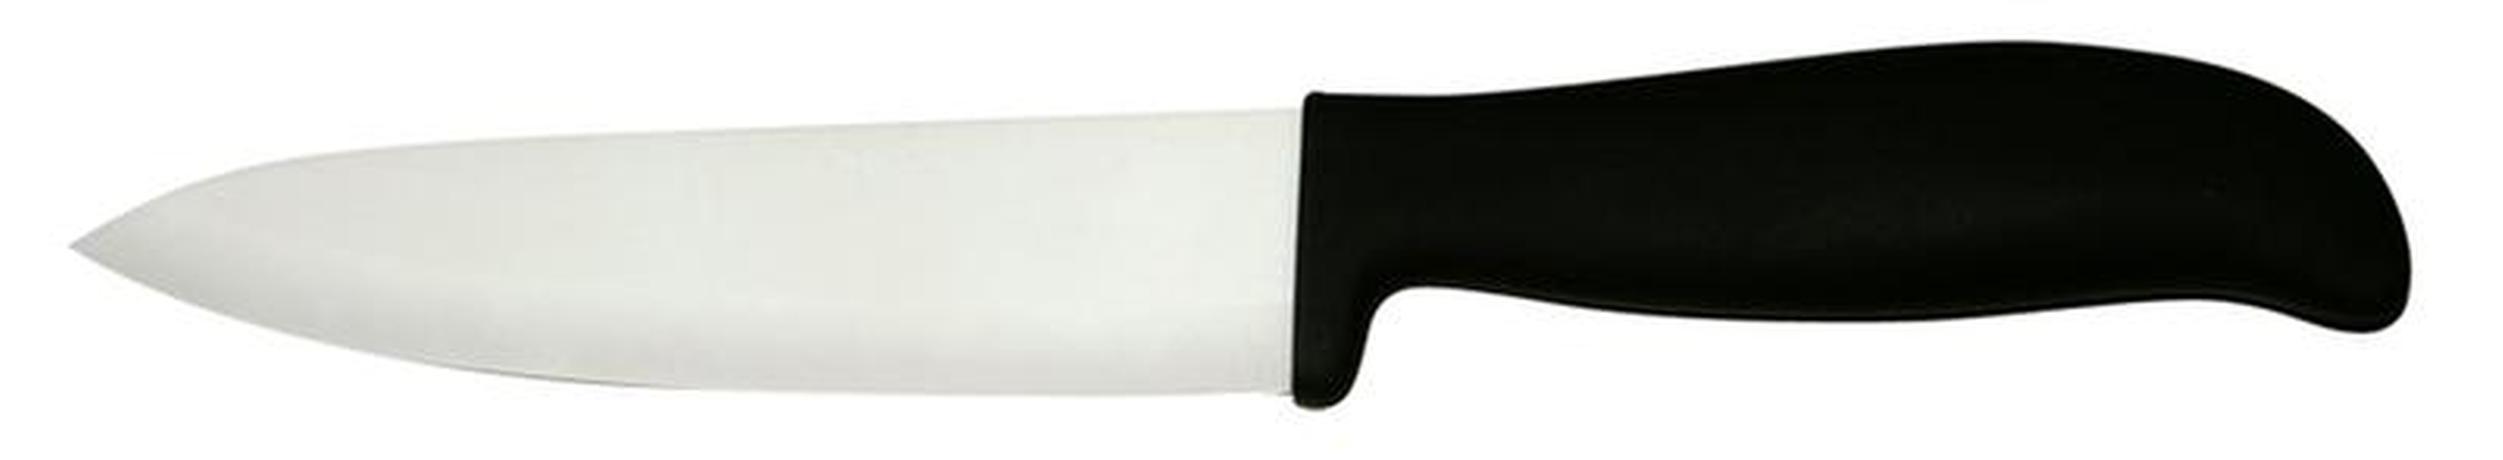 Keramický kuchařský nůž TORO 17cm